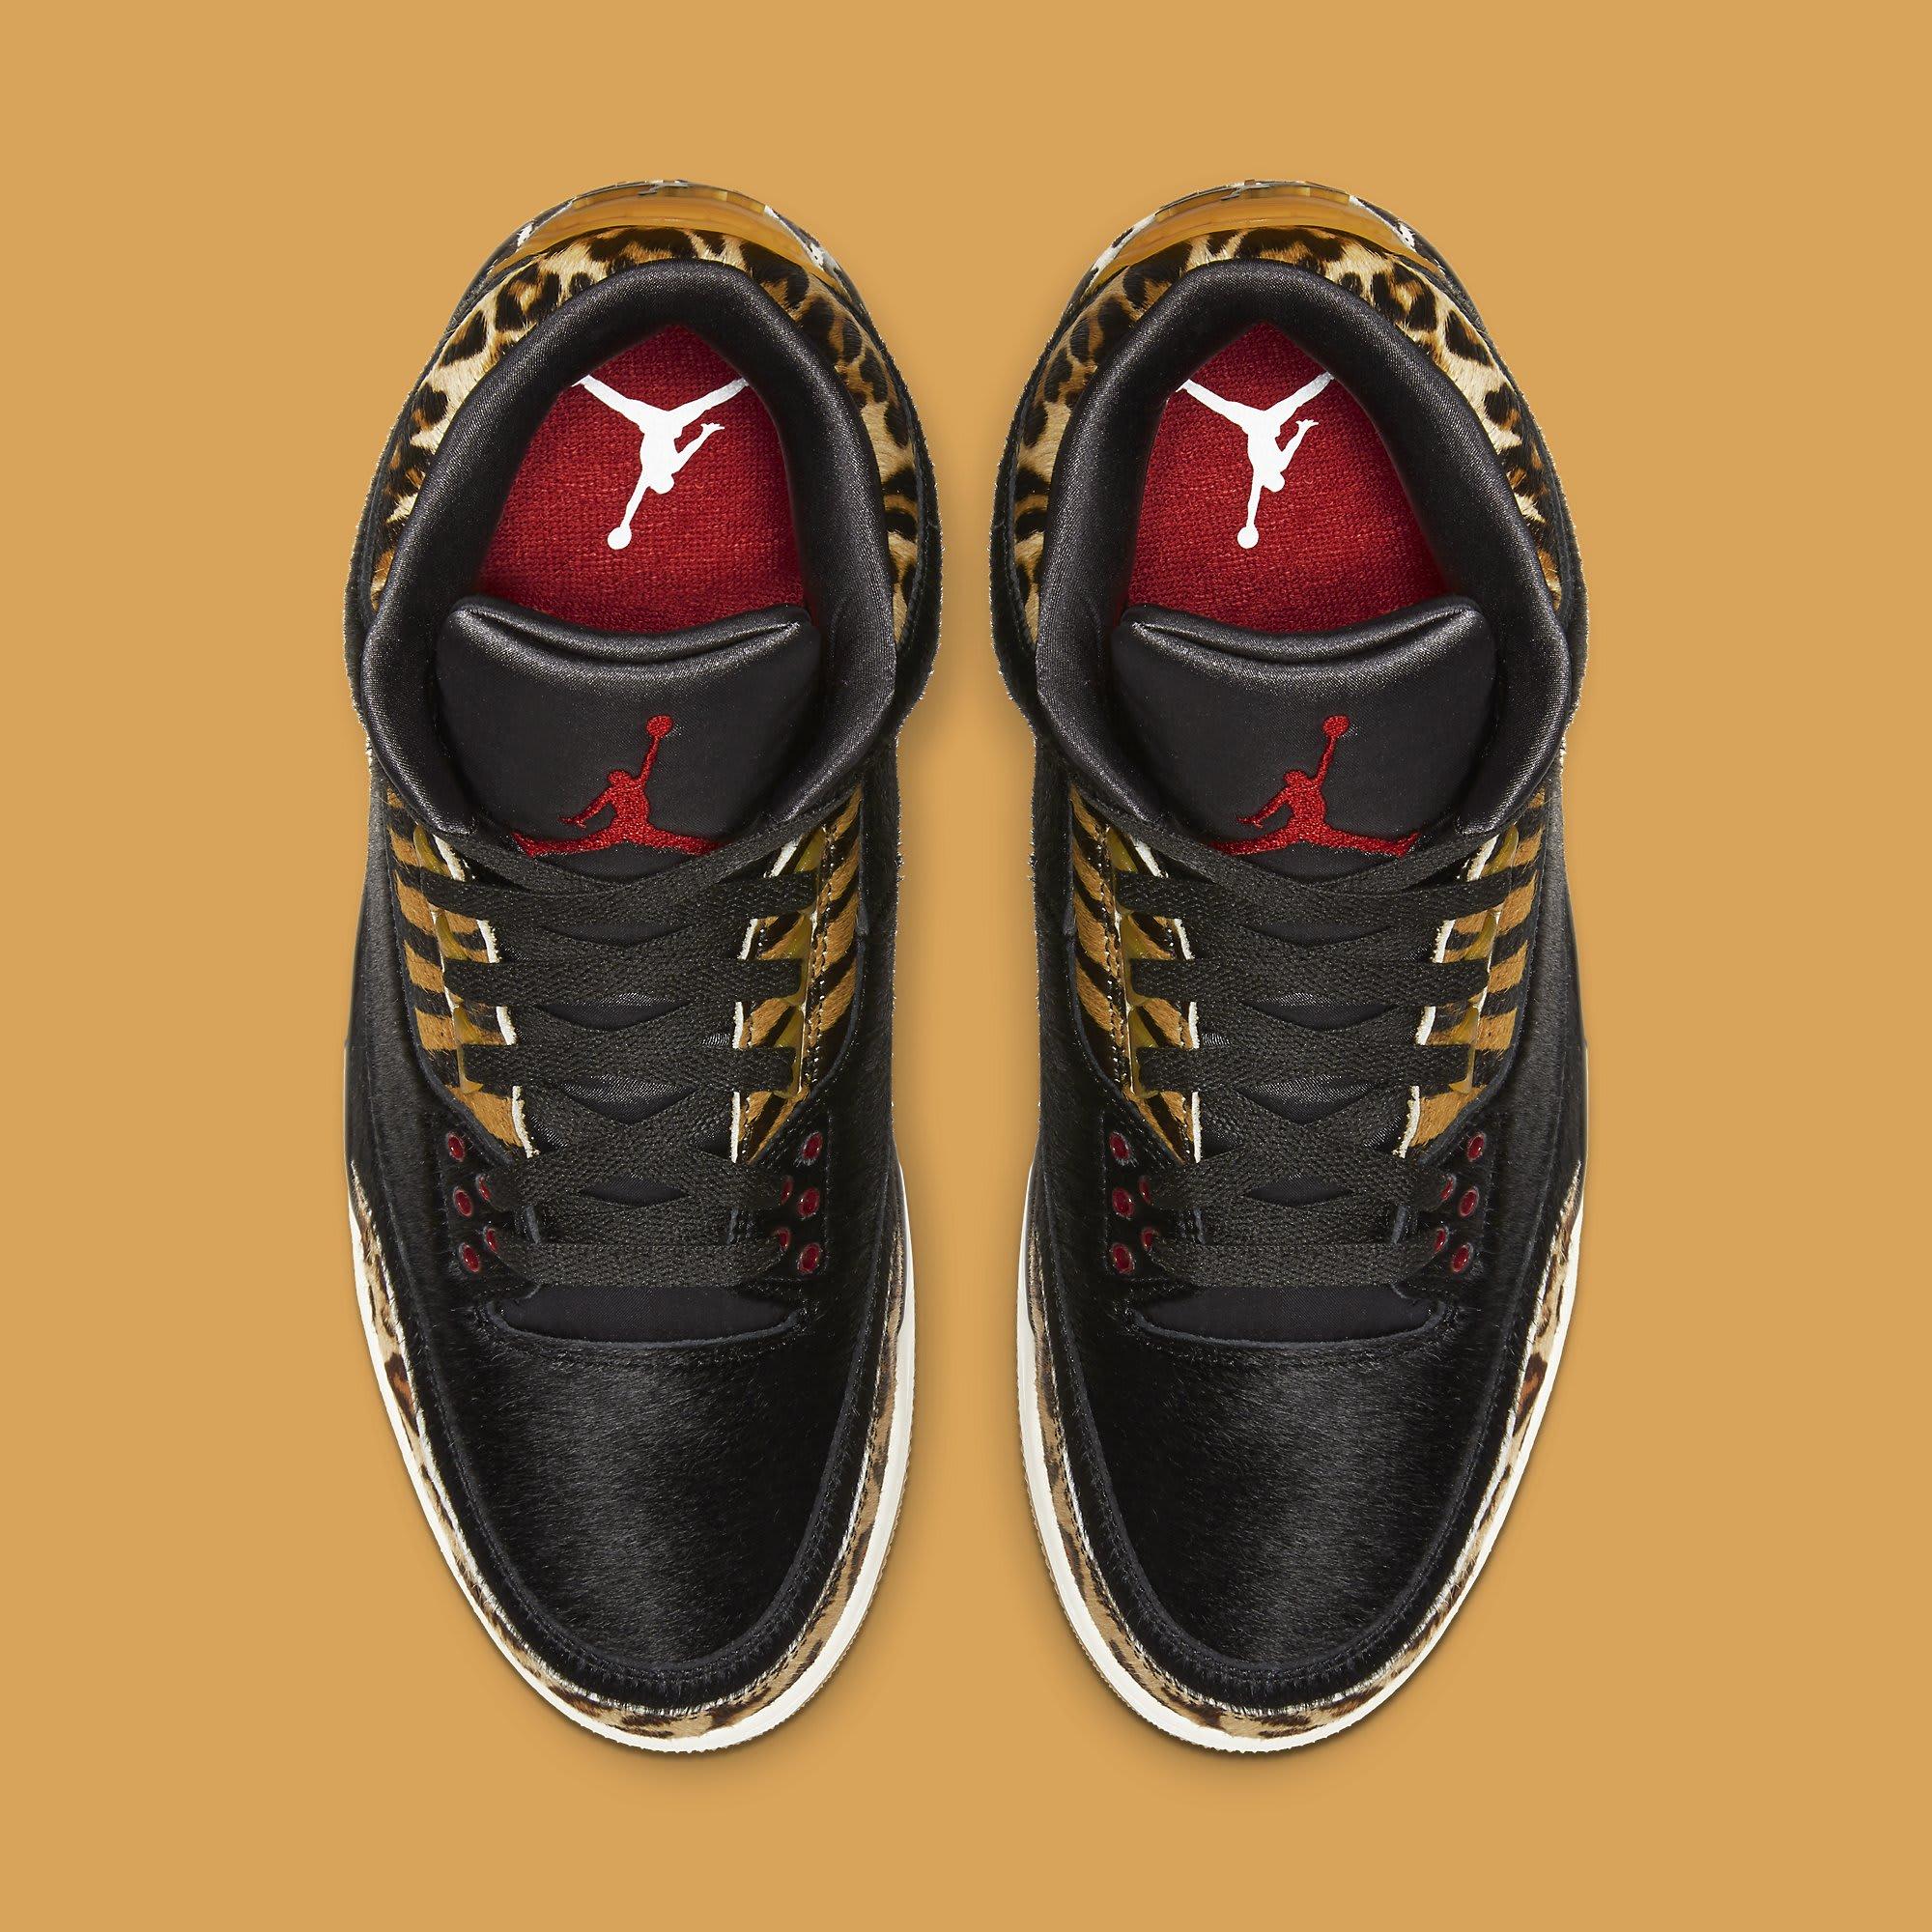 Air Jordan 3 Animal Instinct Release Date CK4344-002 Top